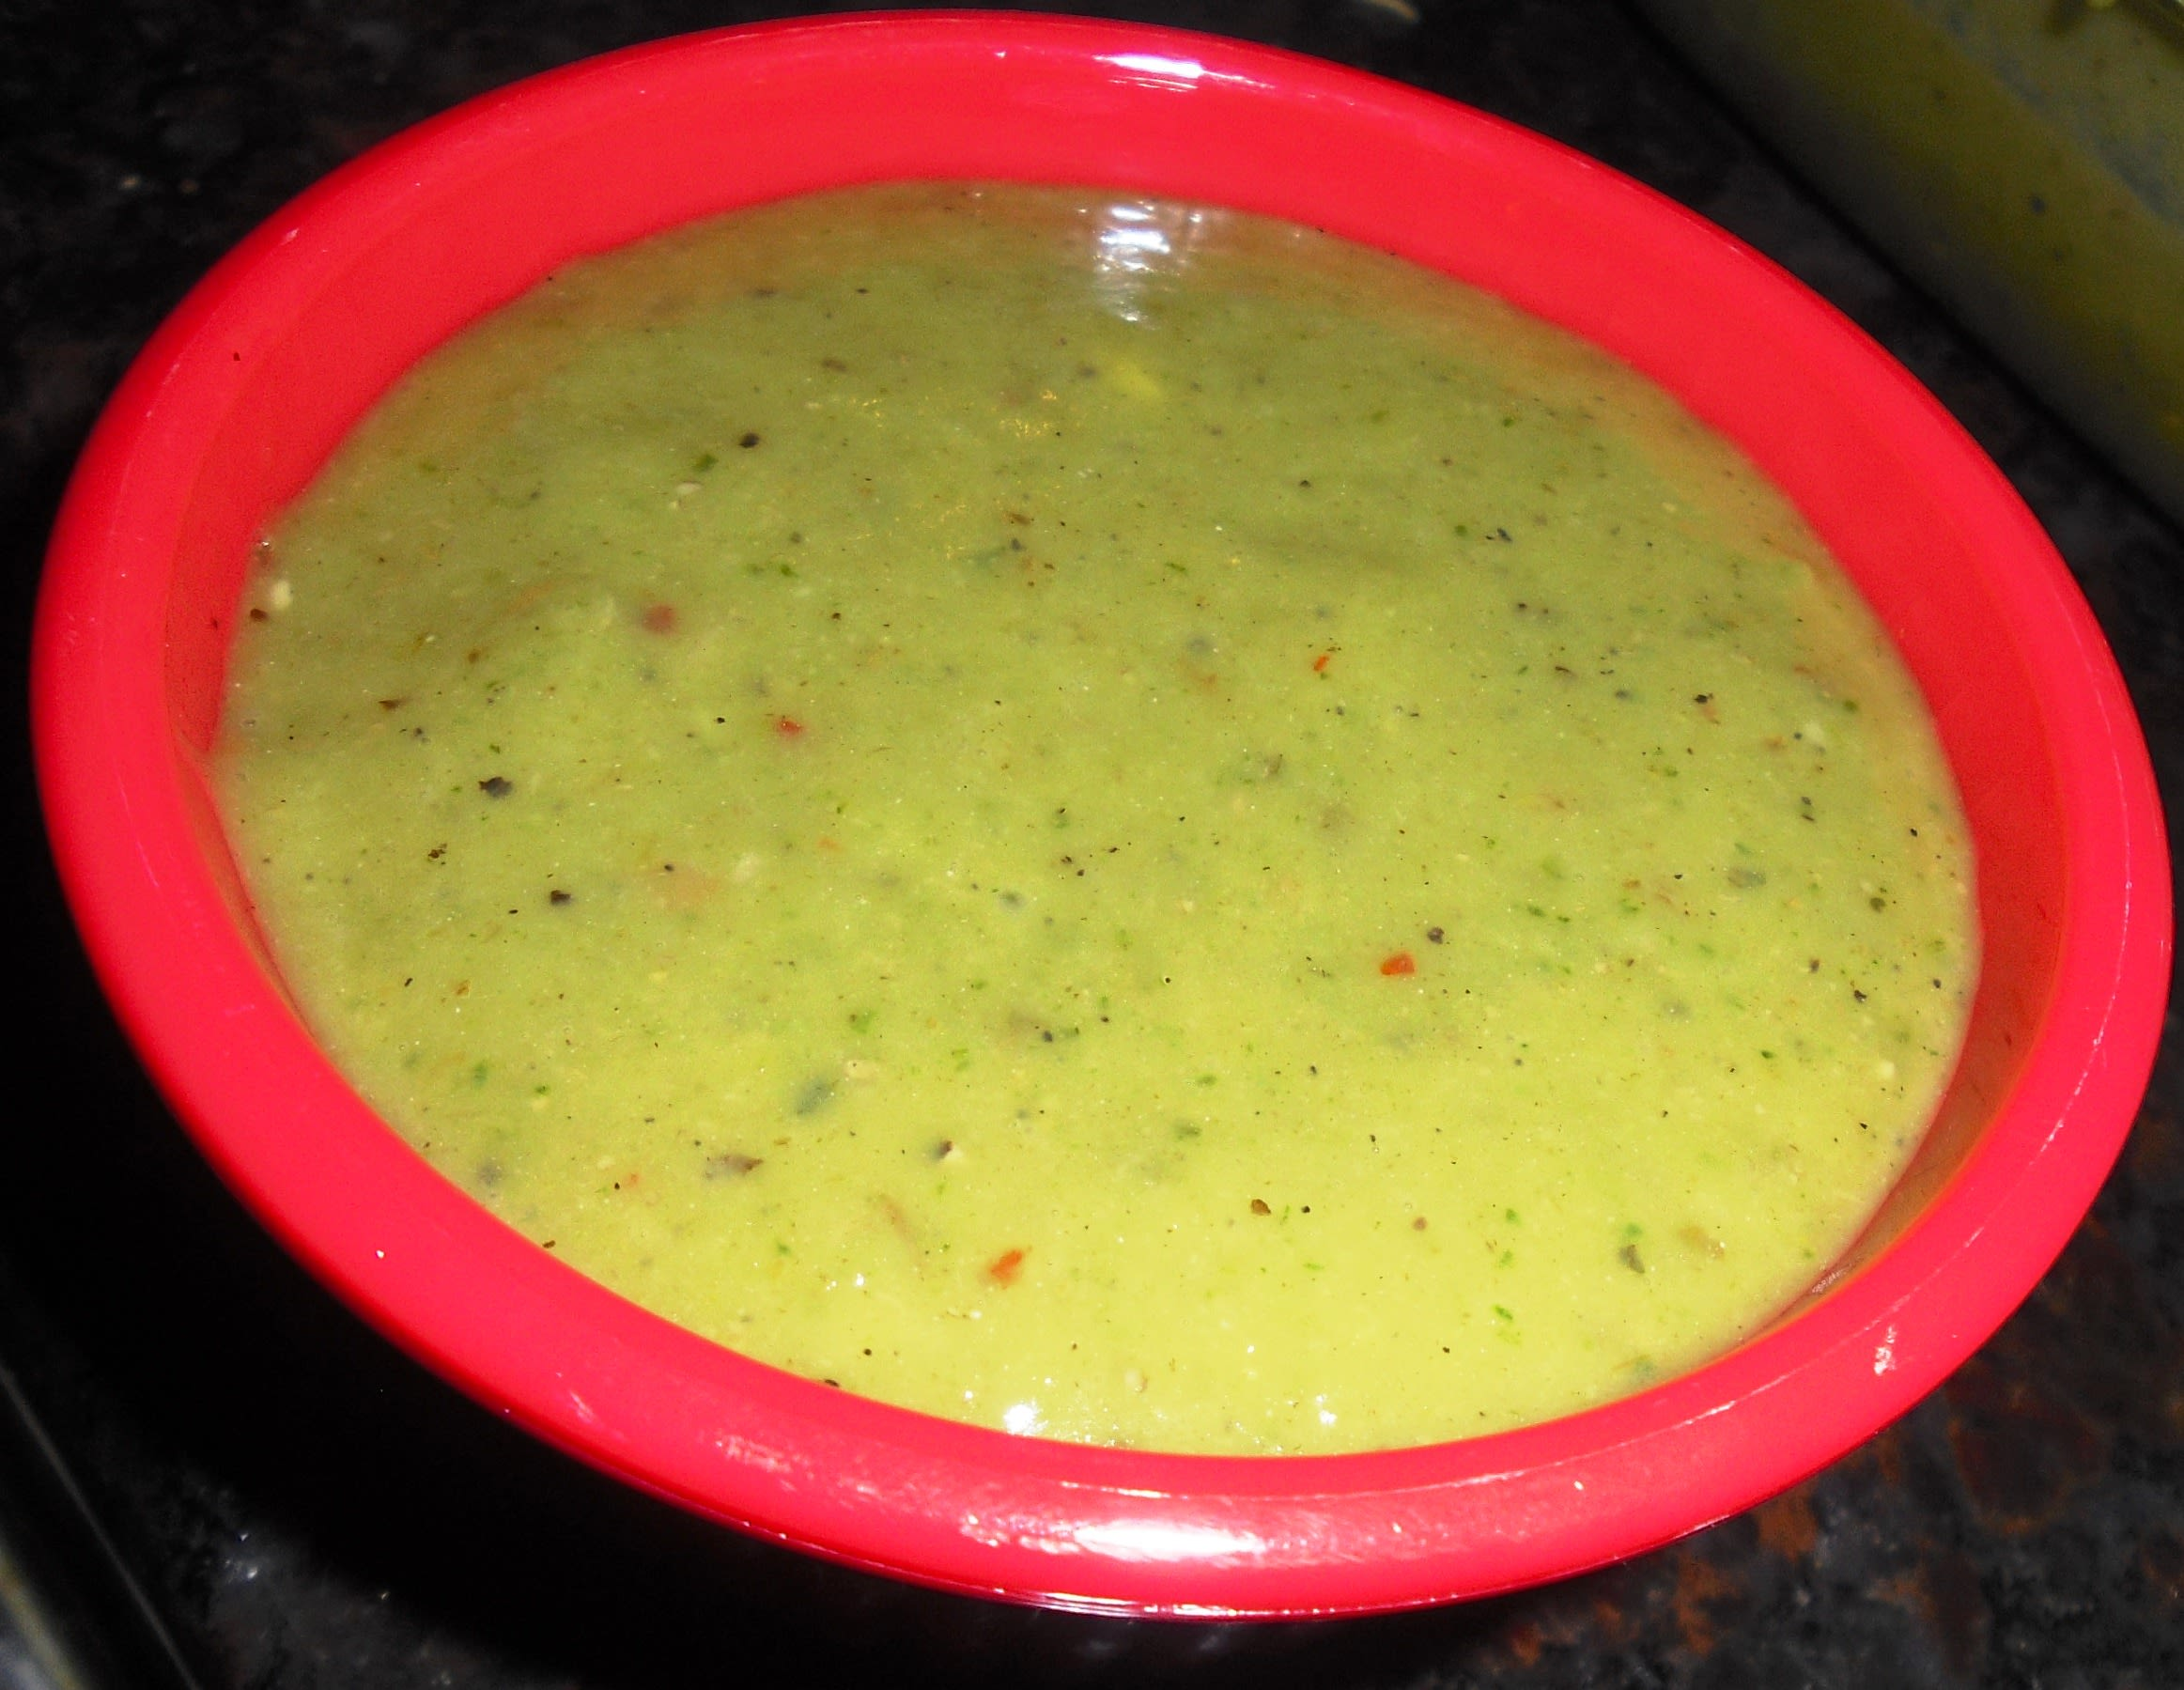 Tsr Version Of El Pollo Loco Avocado Sauce By Todd Wilbur Recipe Genius Kitchen